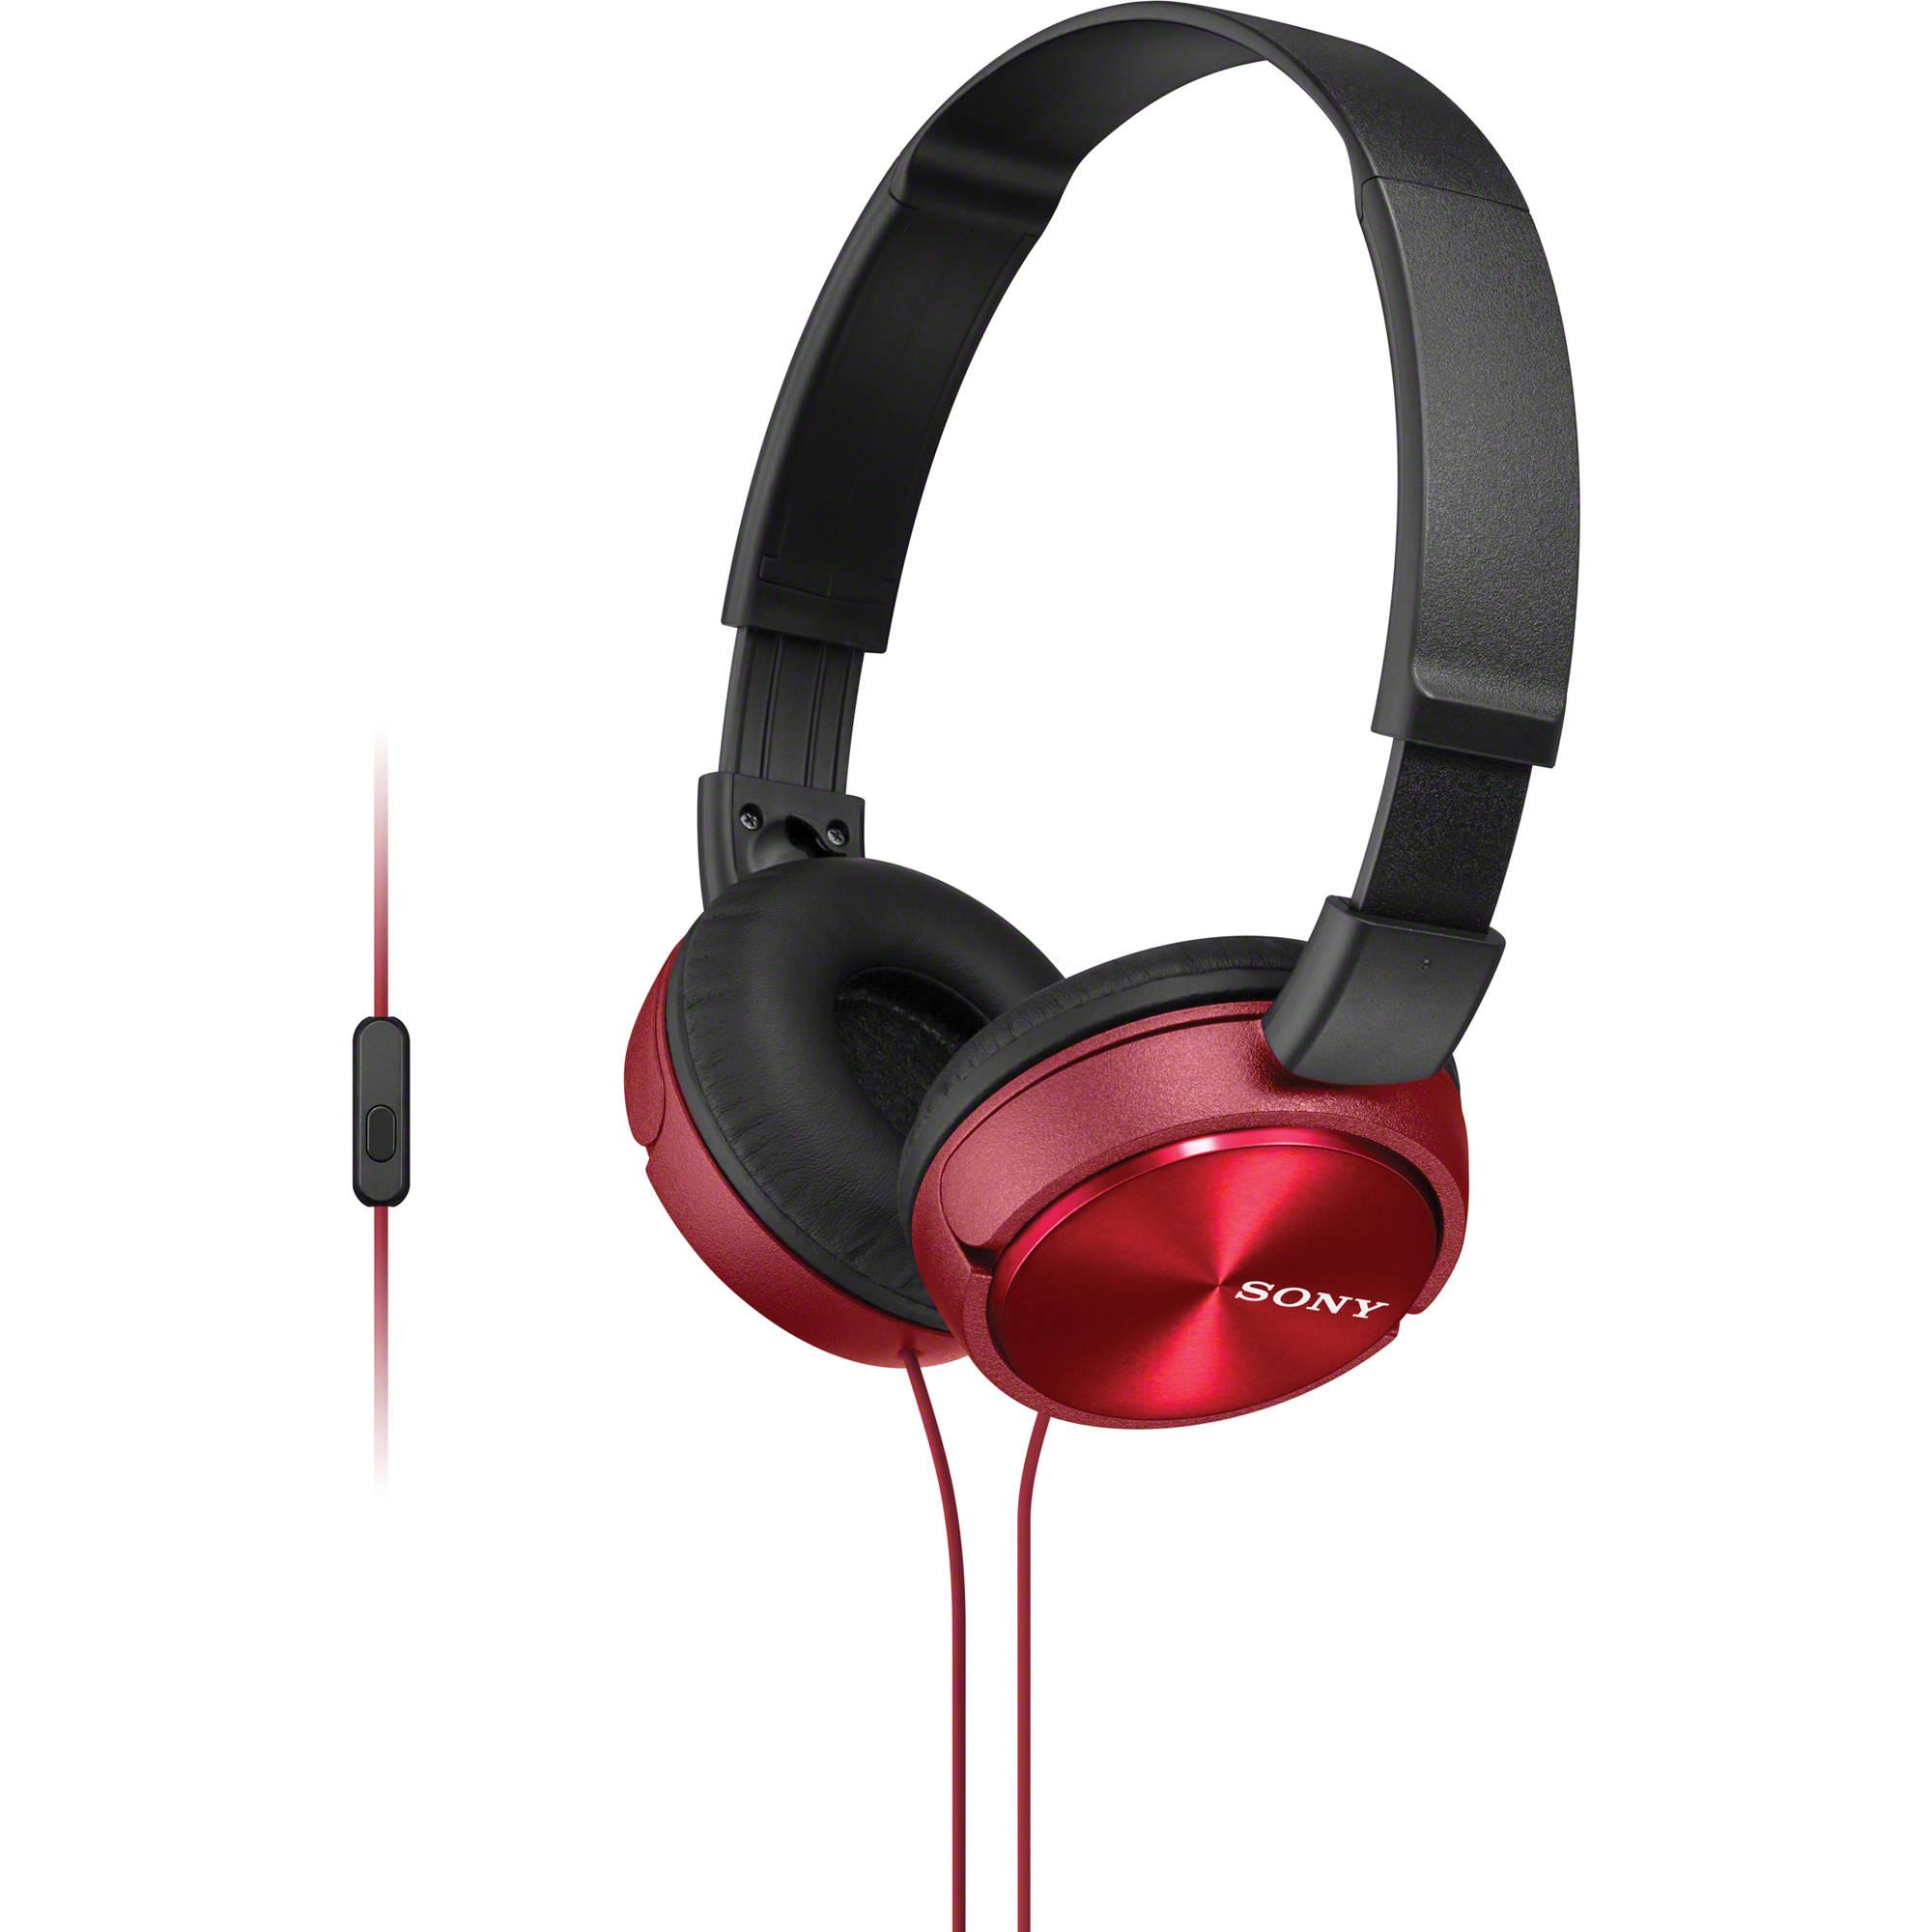 Ακουστικά Κεφαλής Στερεοφωνικά Sony MDR-ZX310AP Red Android, Apple, BlackBerry image